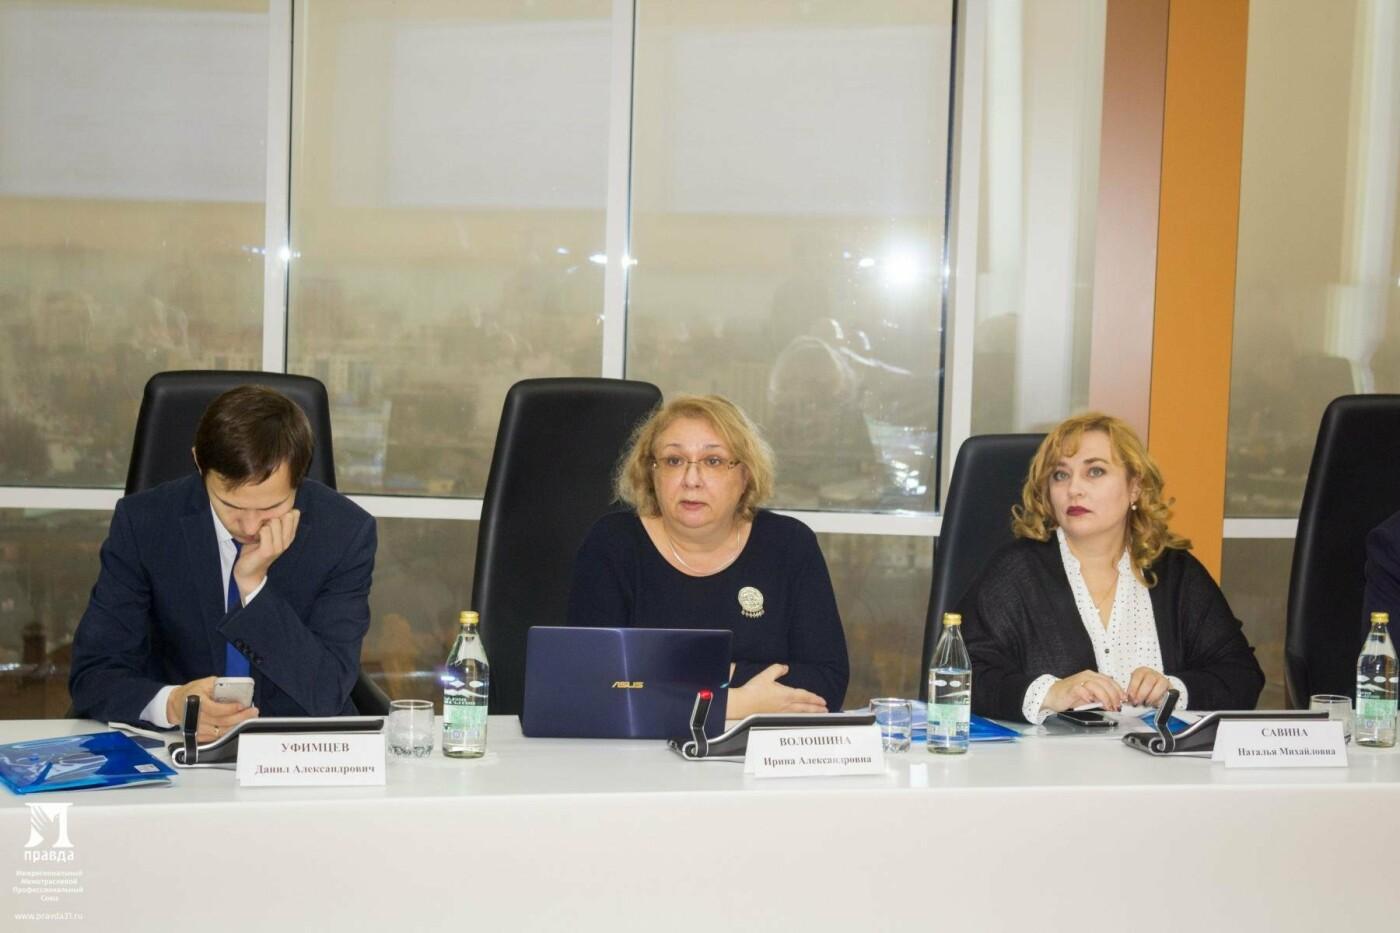 Профсоюз «Правда» принял участие во Всероссийской научно-практической конференции, фото-2